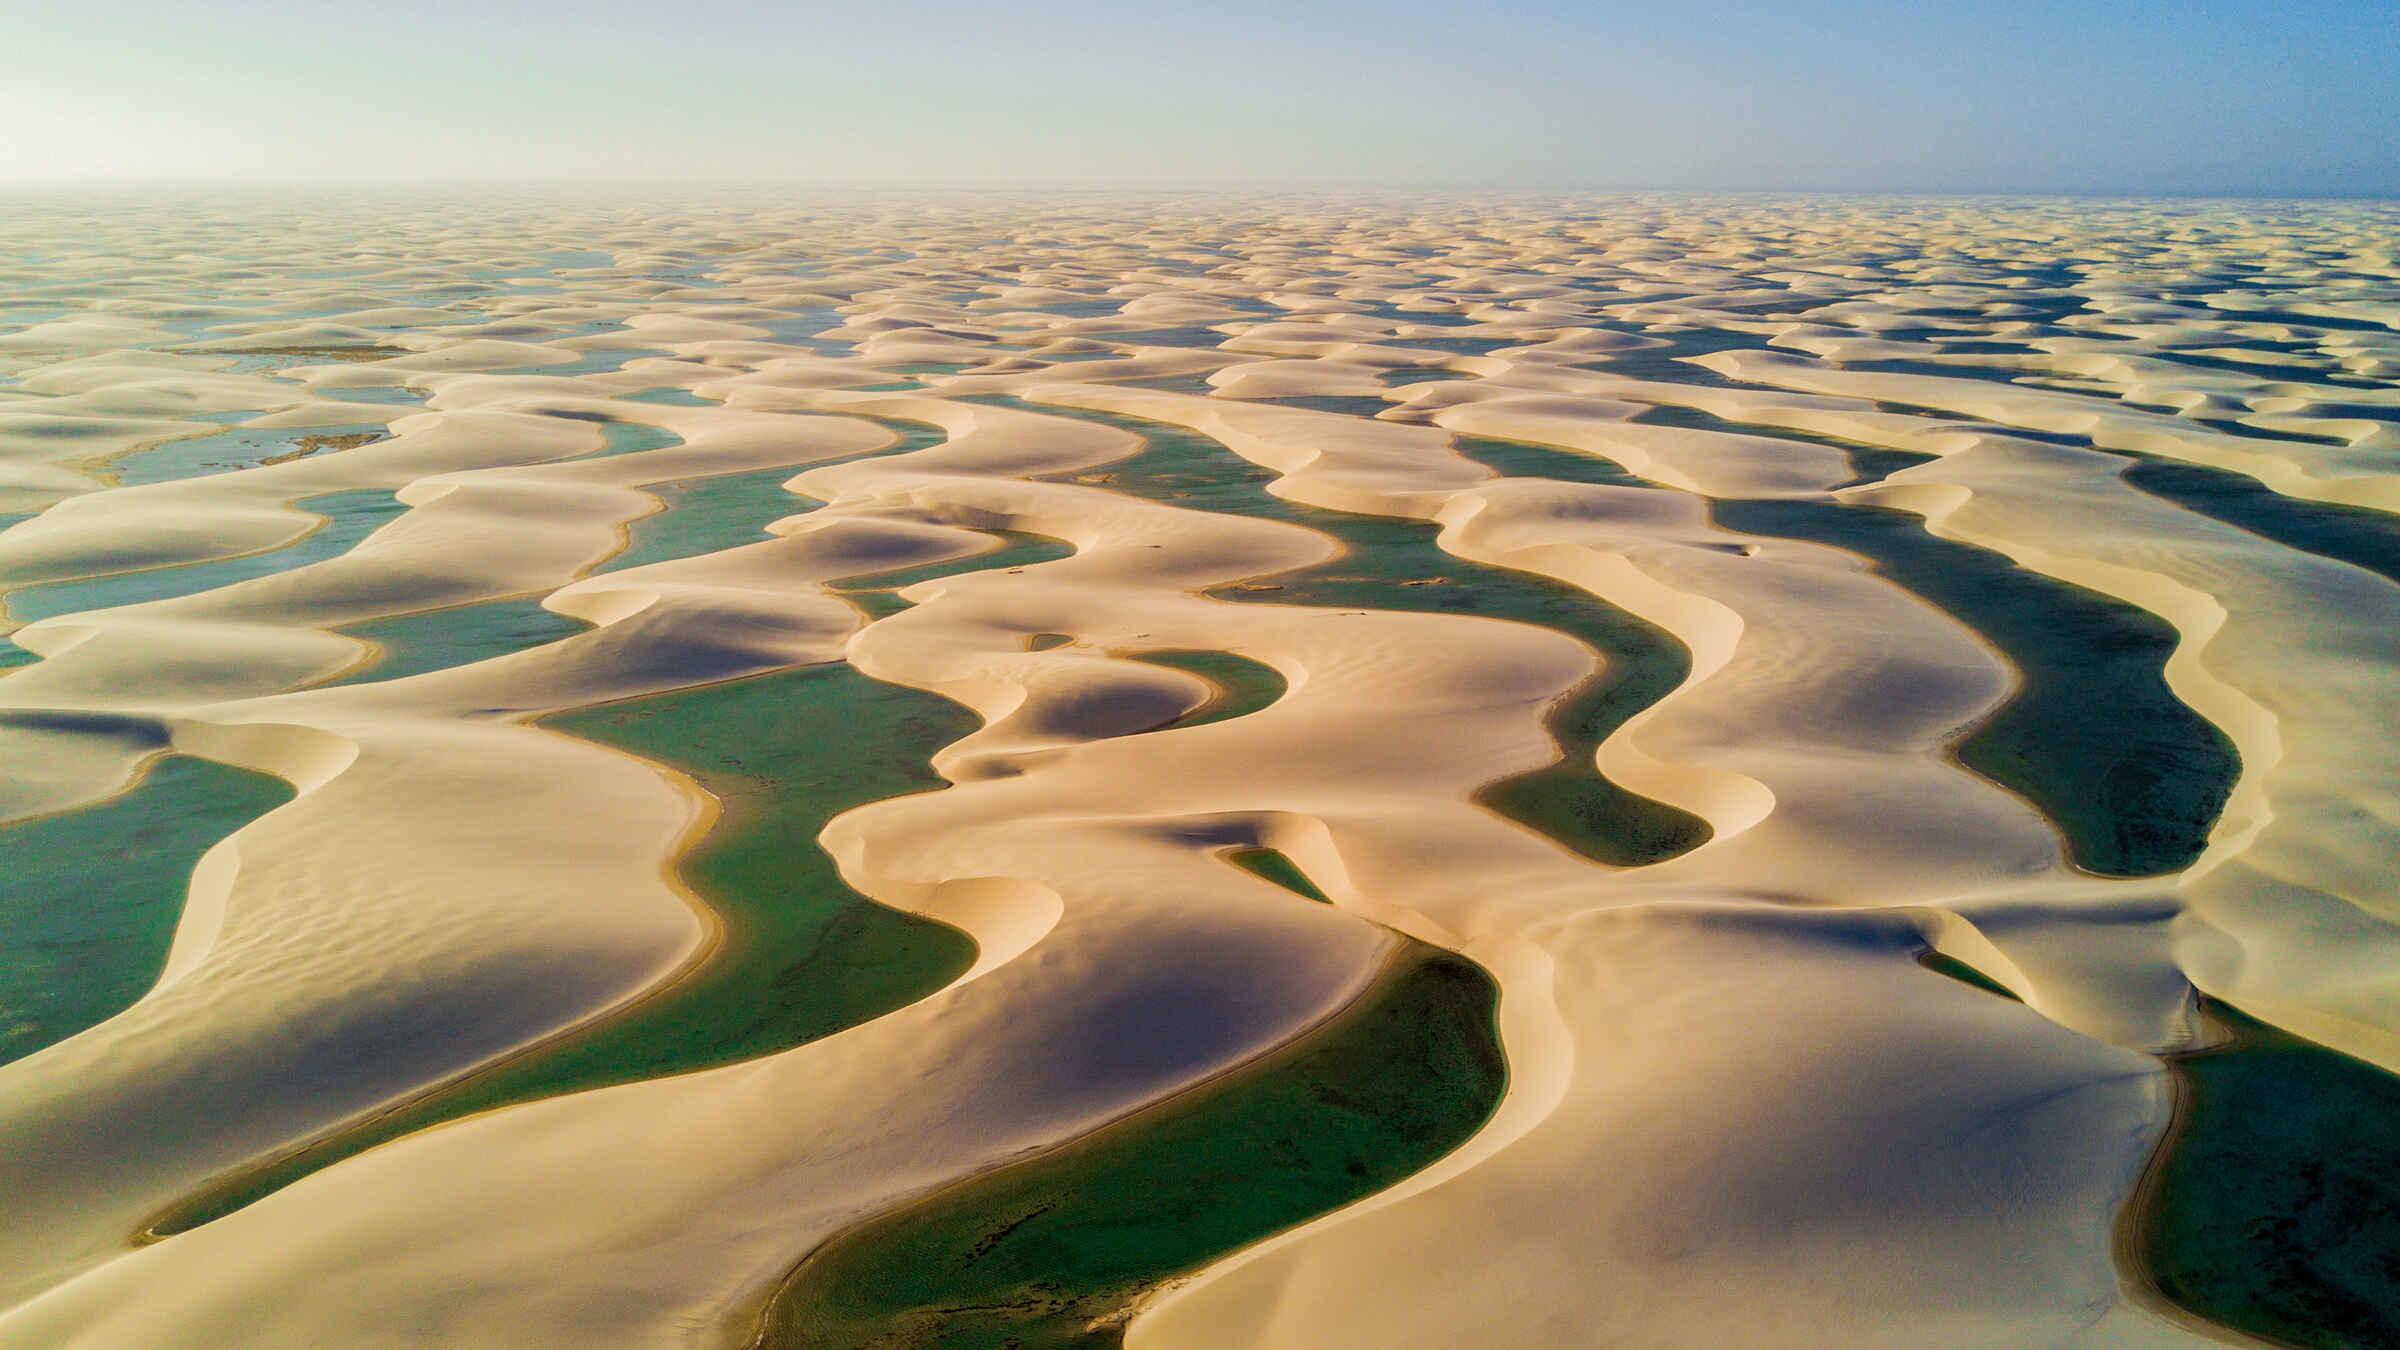 """Sa mạc """"ảo diệu"""" nhất thế giới: Gọi là sa mạc nhưng thực ra đầy… nước! - Ảnh 2."""